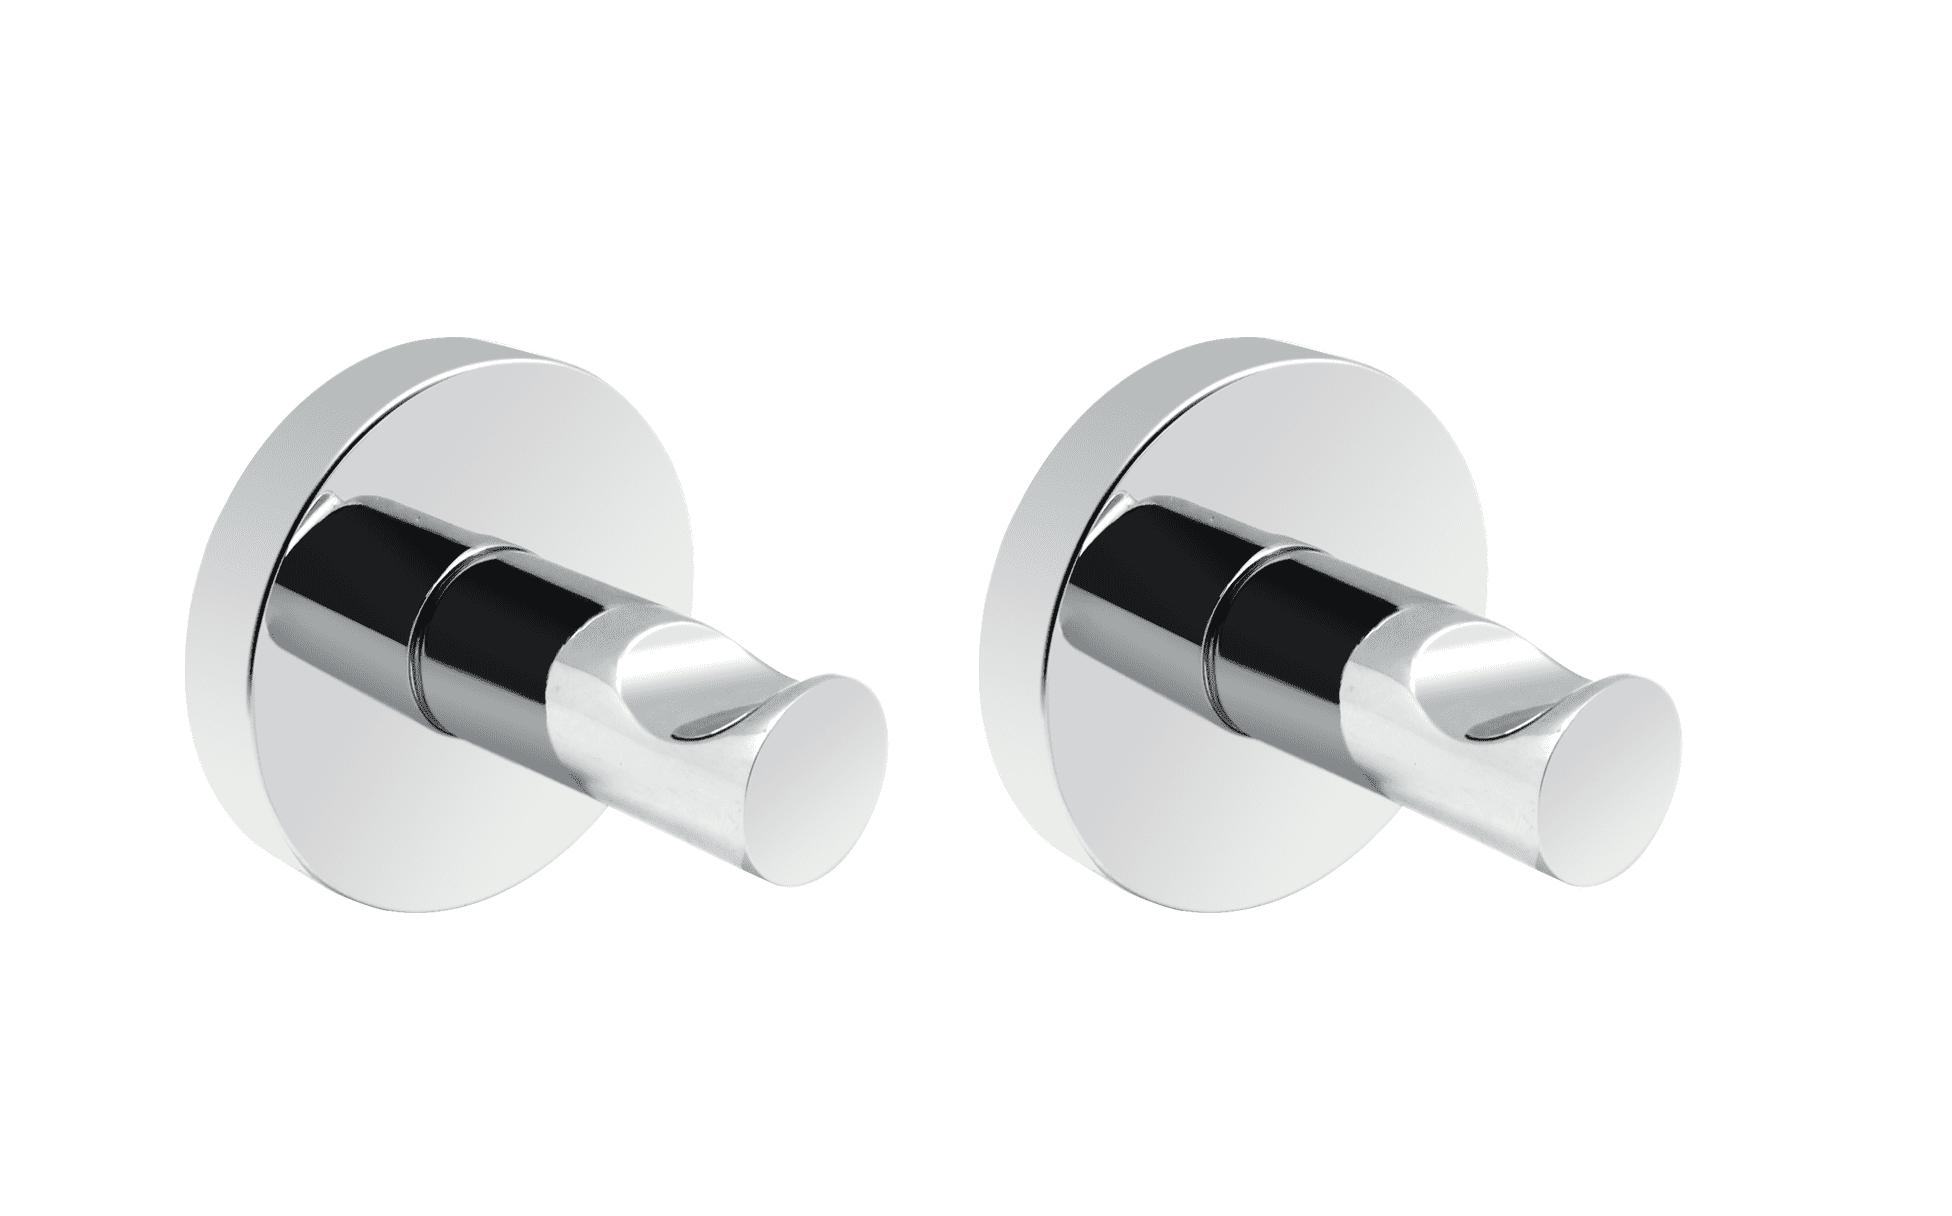 4bathroomz® Oslo set van 2 handoekhaakjes - chroom